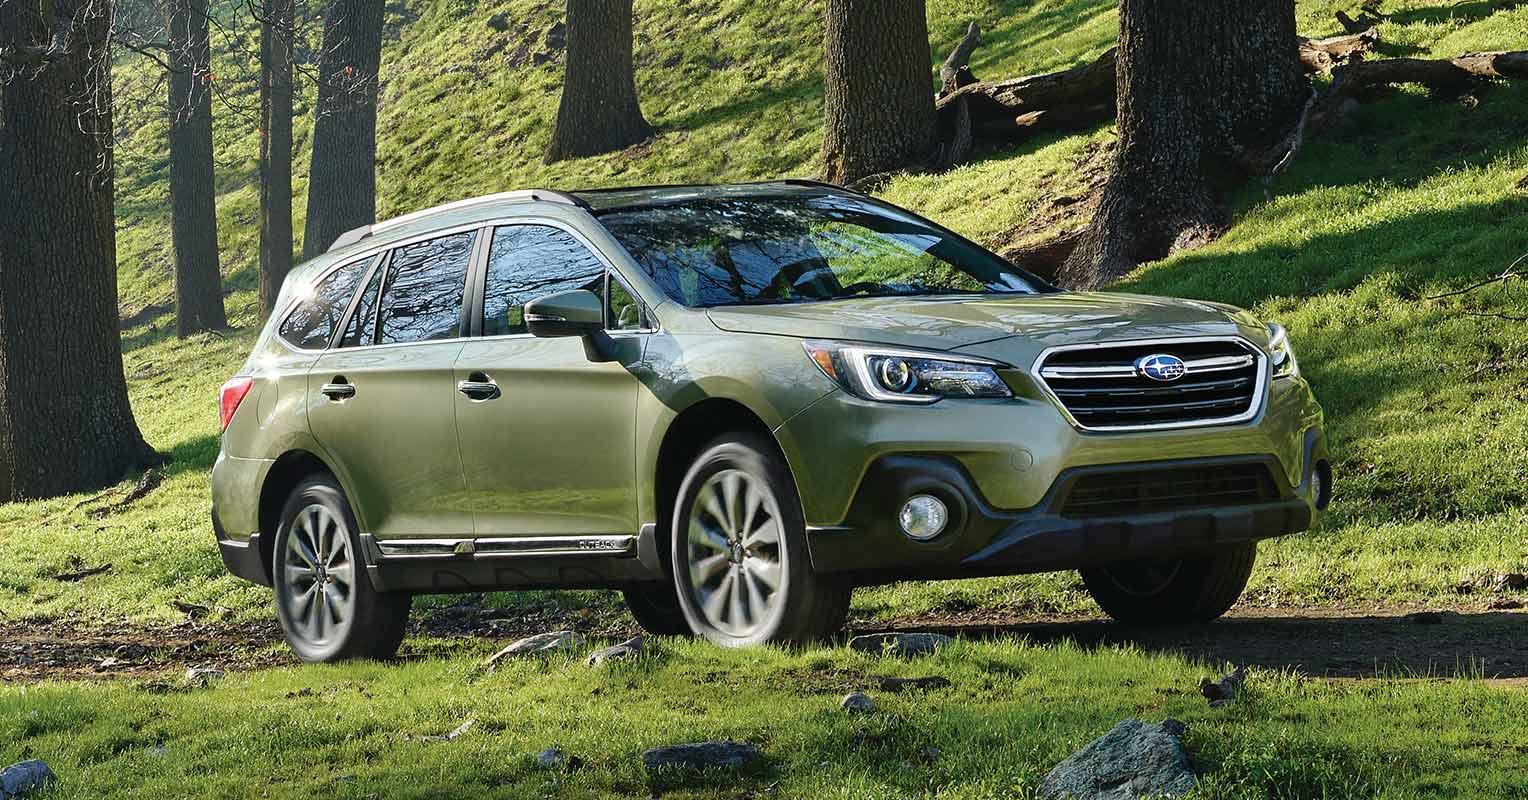 Subaru Outback Familiar